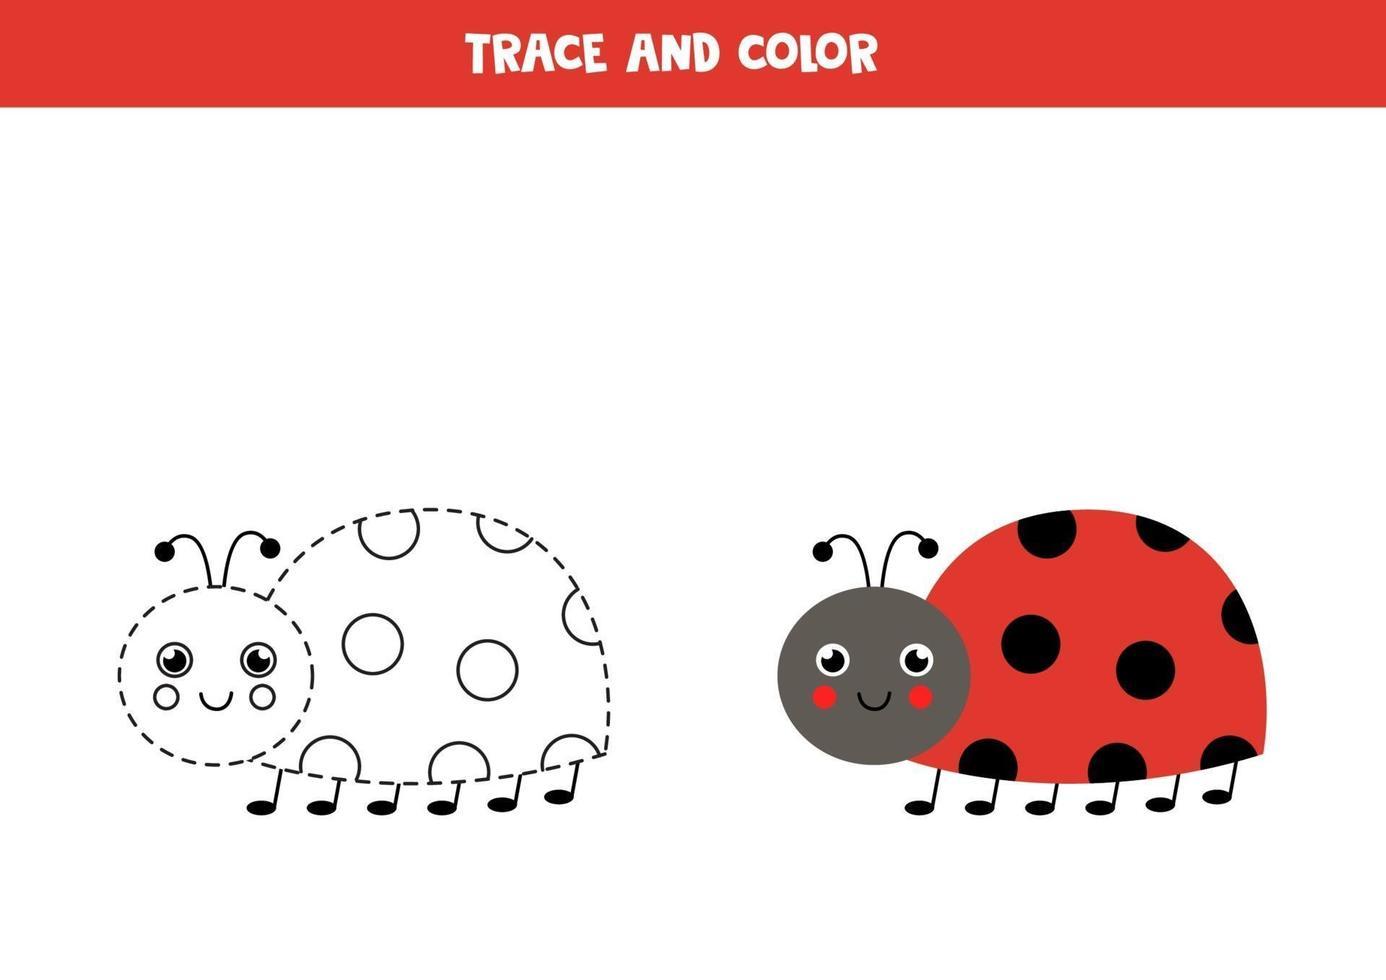 rastrear e colorir joaninha bonita. planilha para crianças. vetor